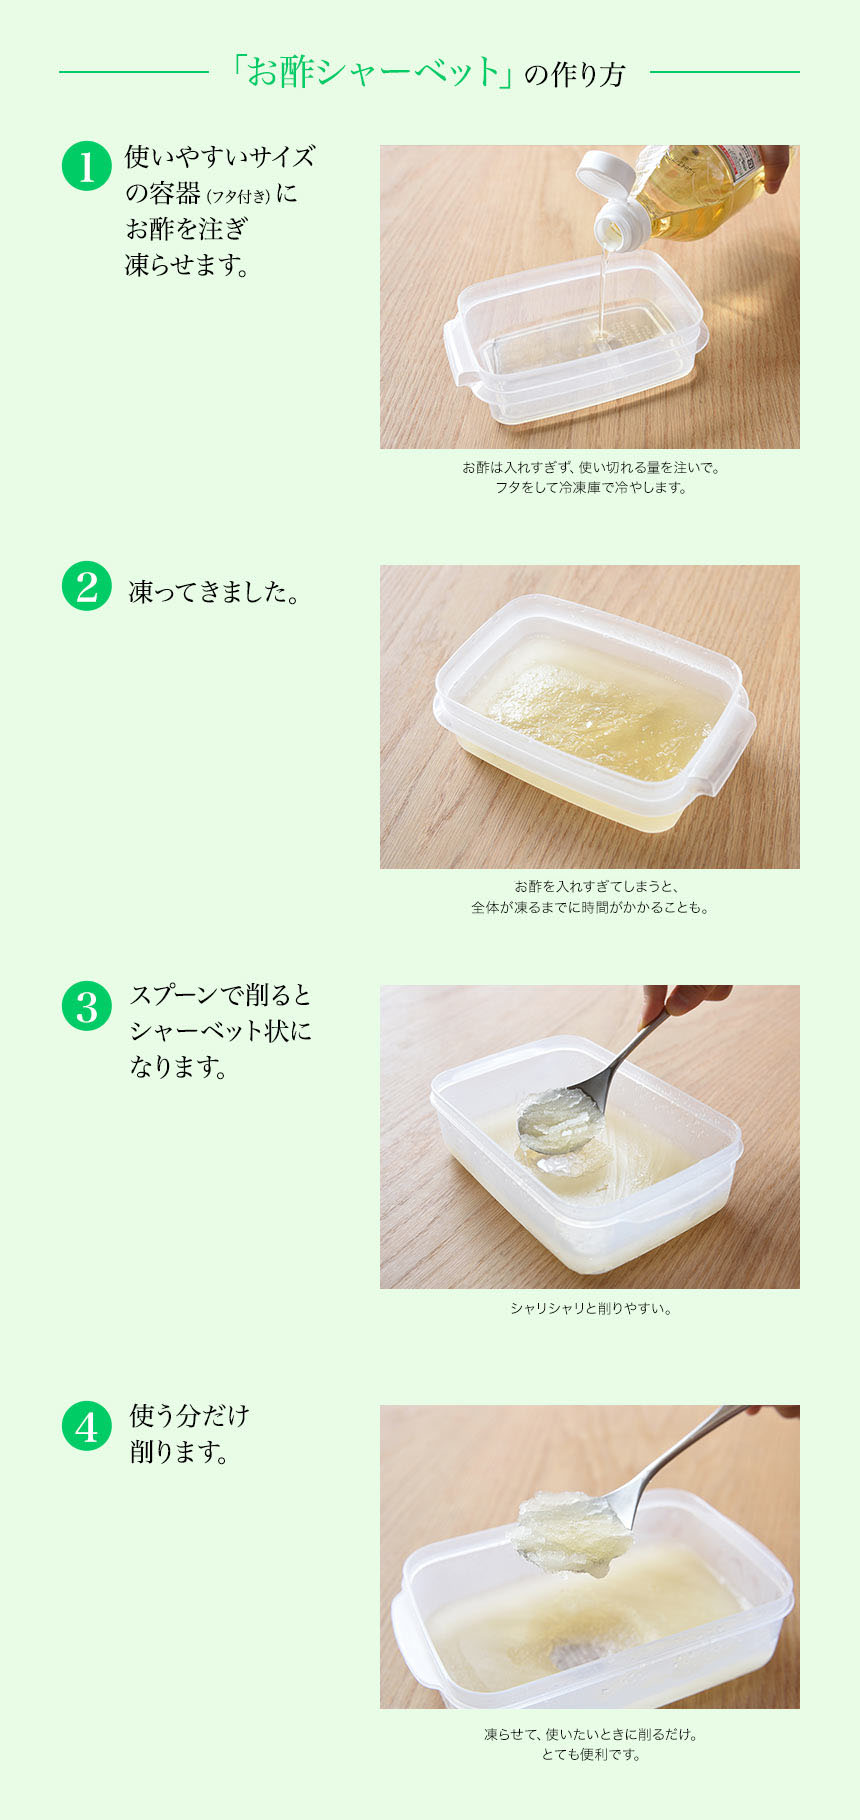 「お酢シャーベット」の作り方